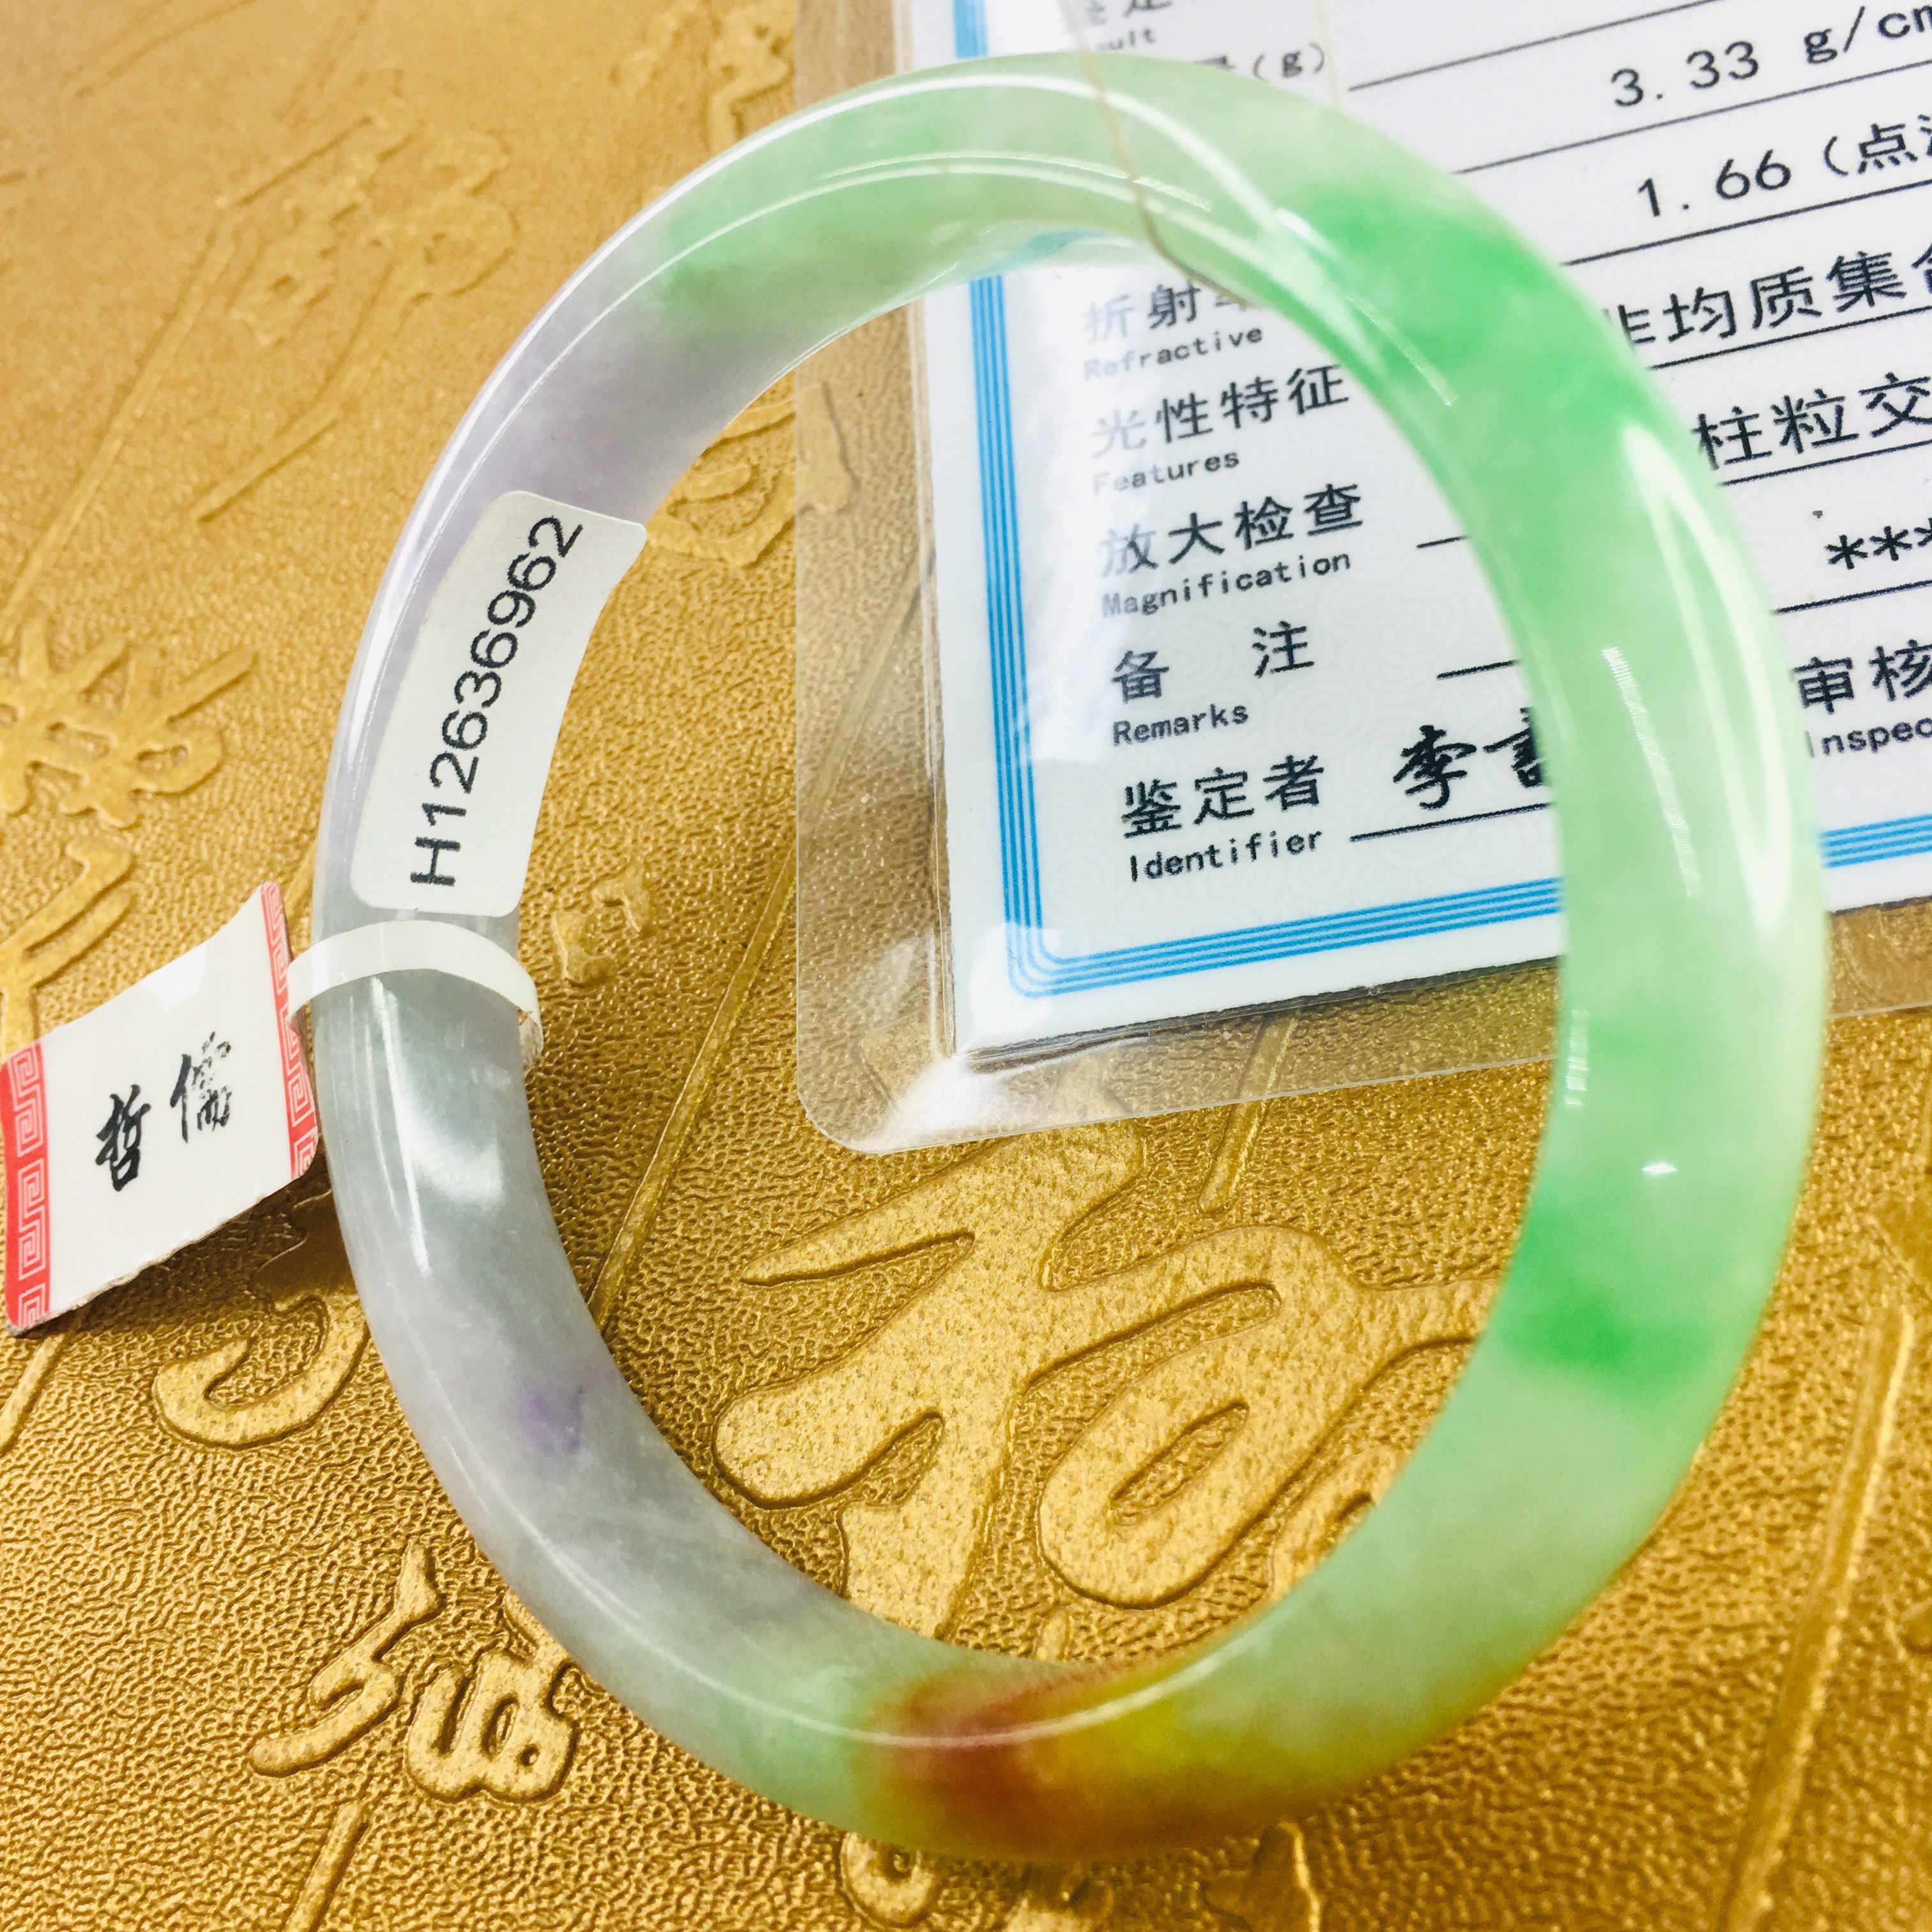 ส่งใบรับรองธรรมชาติ Jadeite สร้อยข้อมือแกะสลักสีม่วง Tricolor 54-61 มม.สร้อยข้อมือผู้หญิงของขวัญเครื่องประดับ